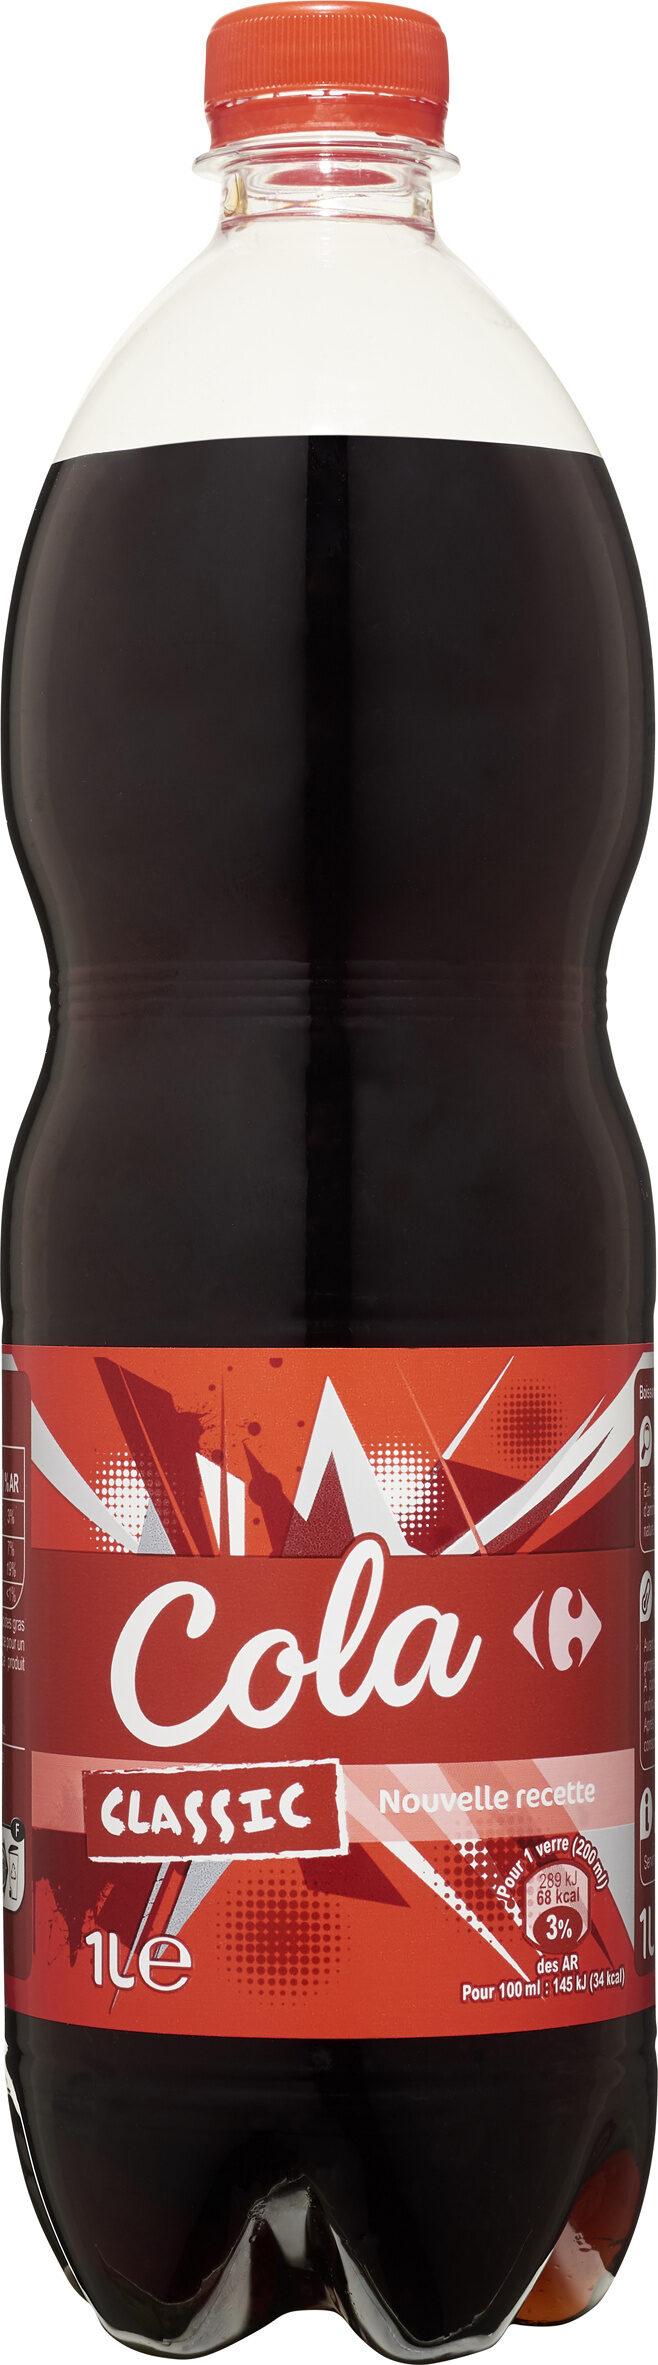 Cola - Prodotto - fr